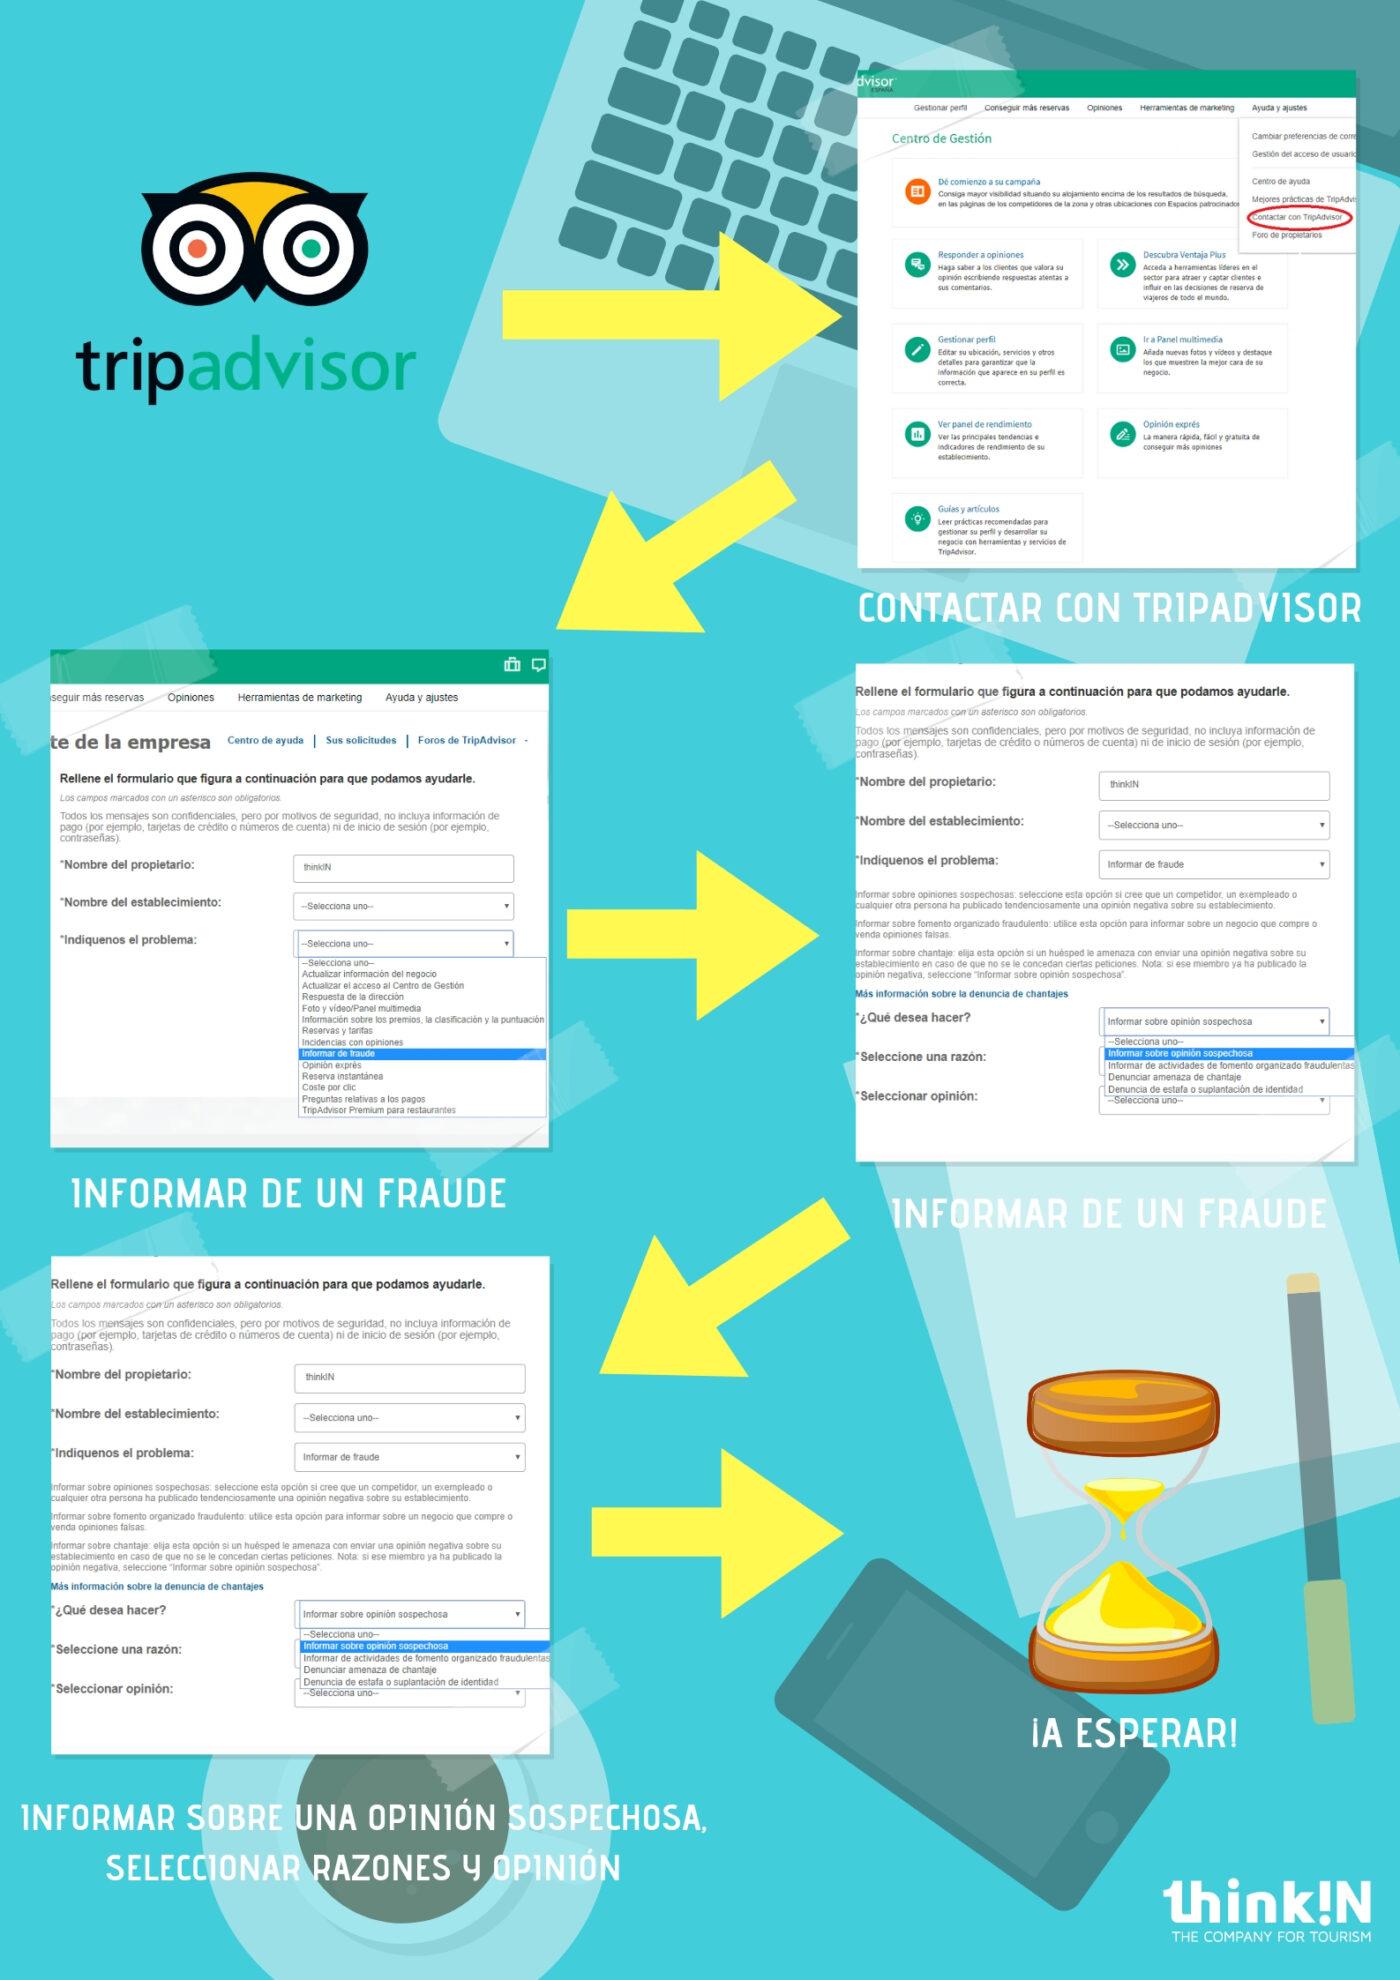 infografía-reseña-falsa-tripadvisor